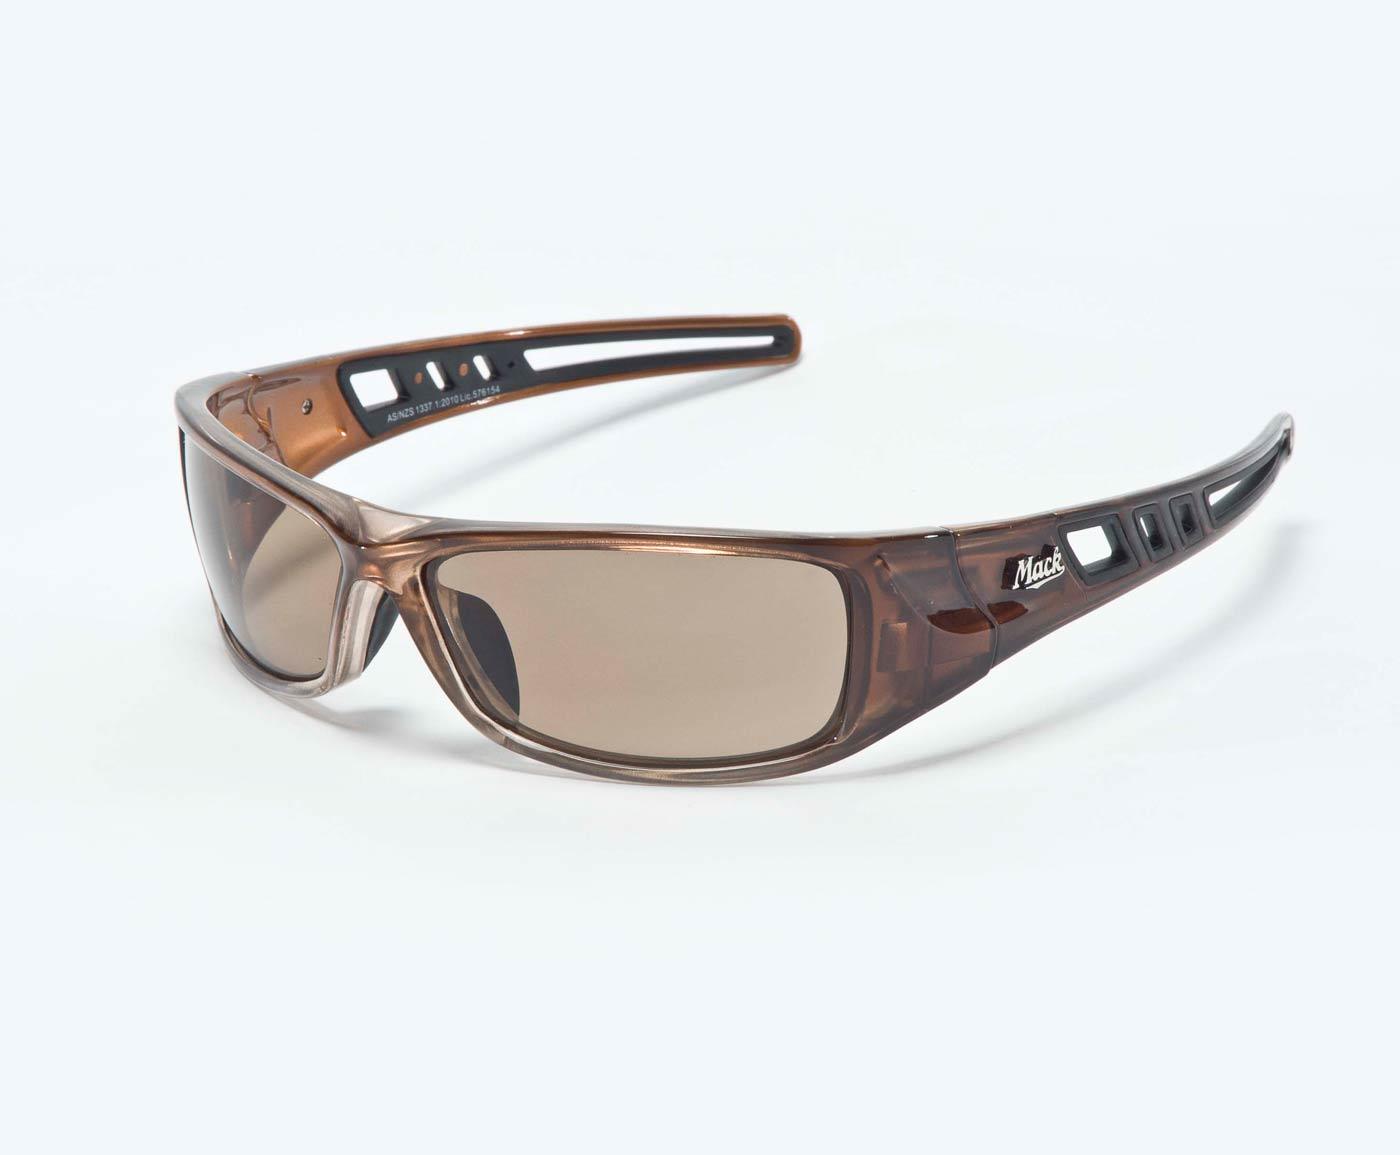 Mack Longhaul polarised safety glasses ME504